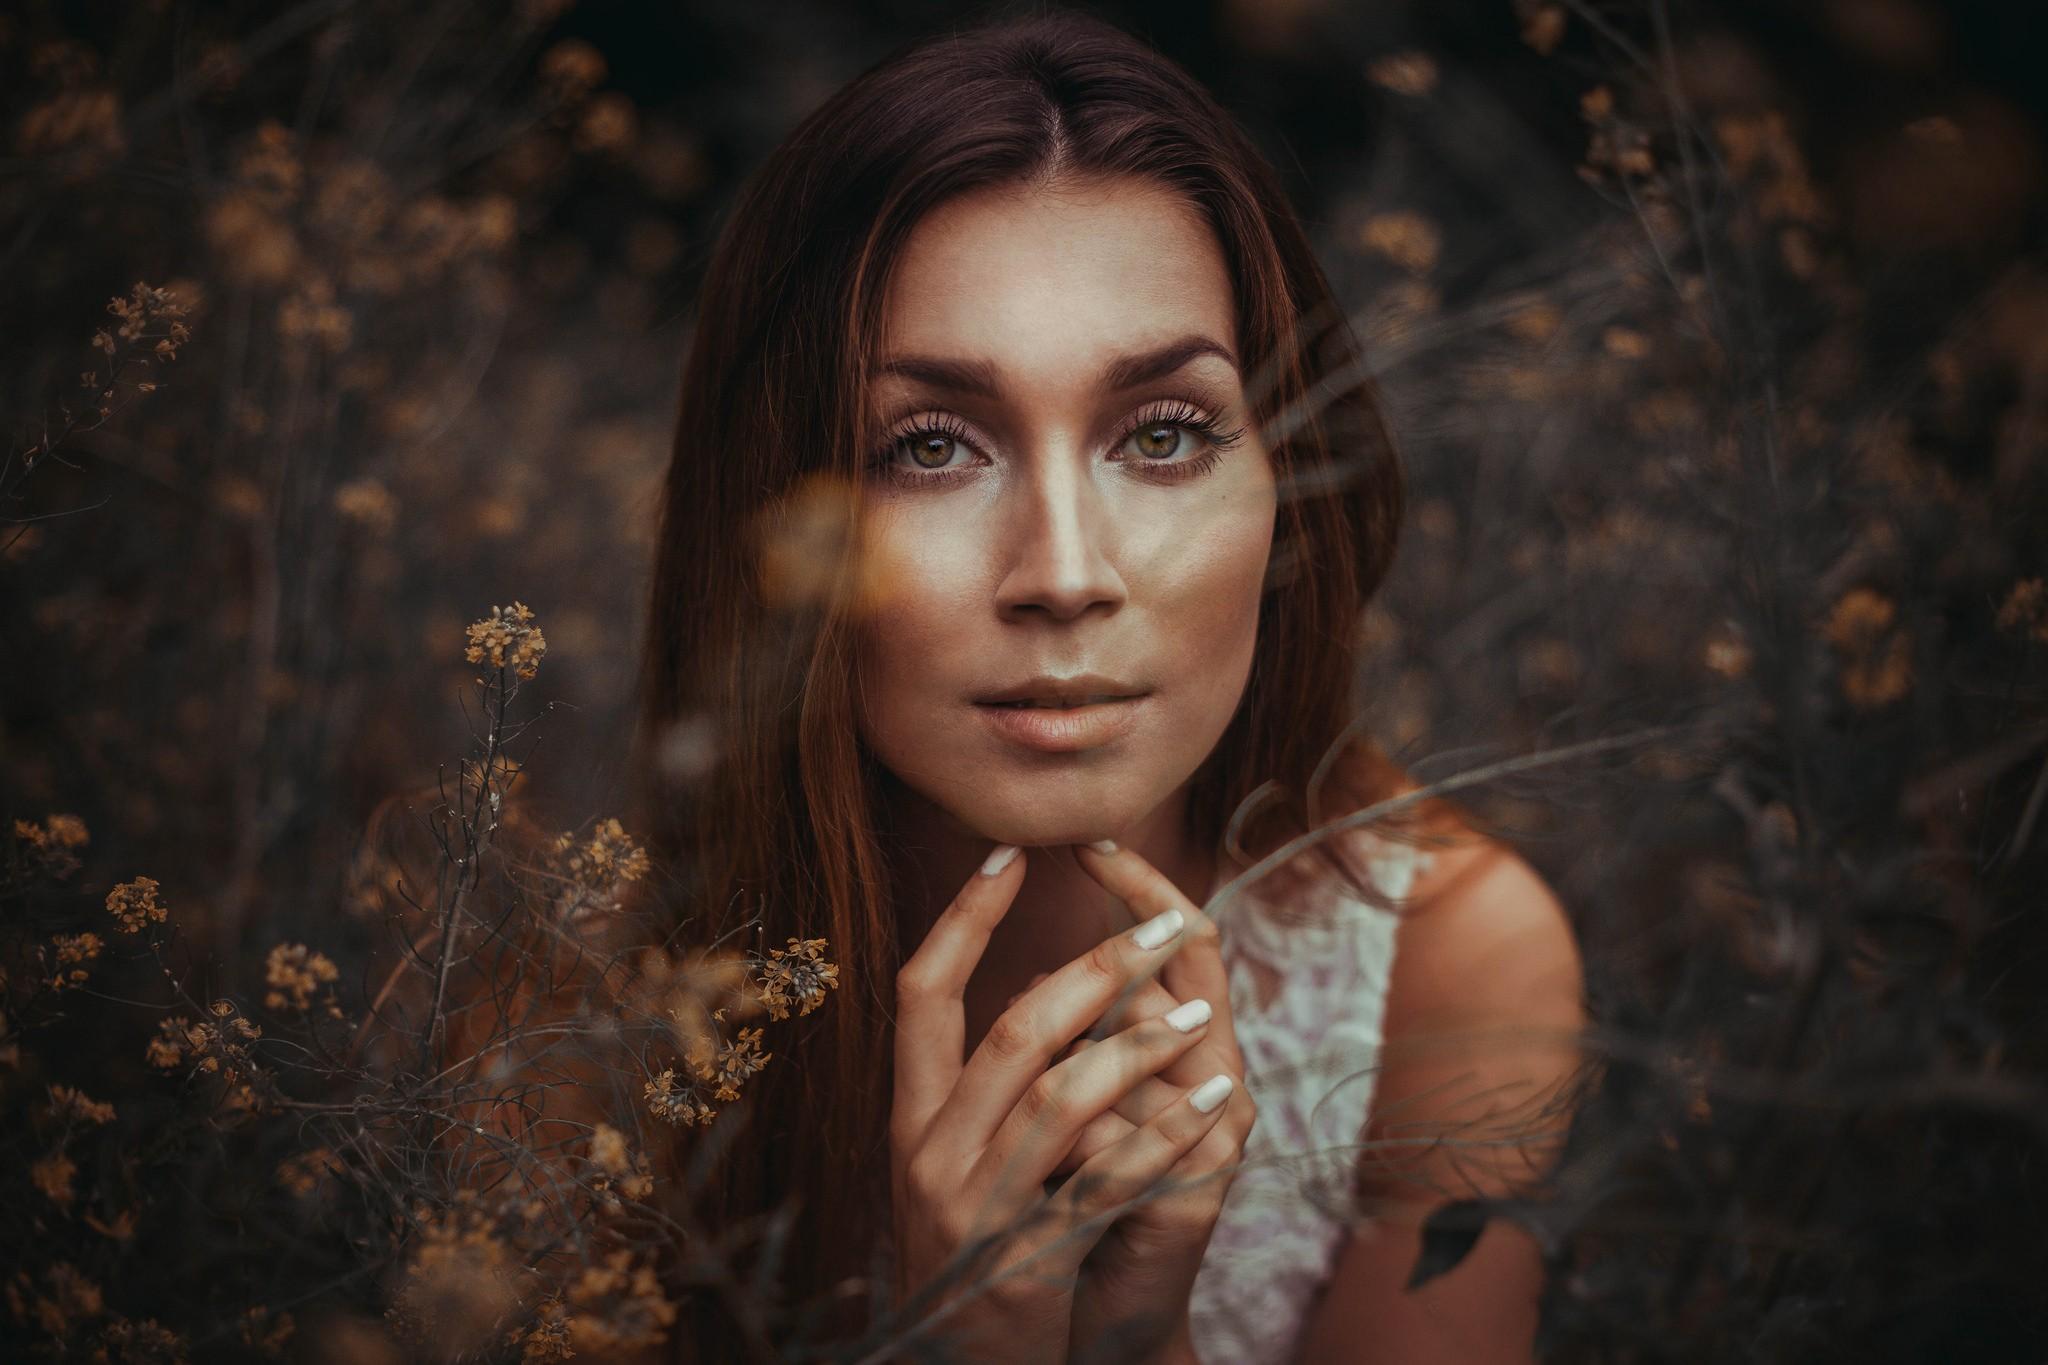 лучшие фото для портрета создаются